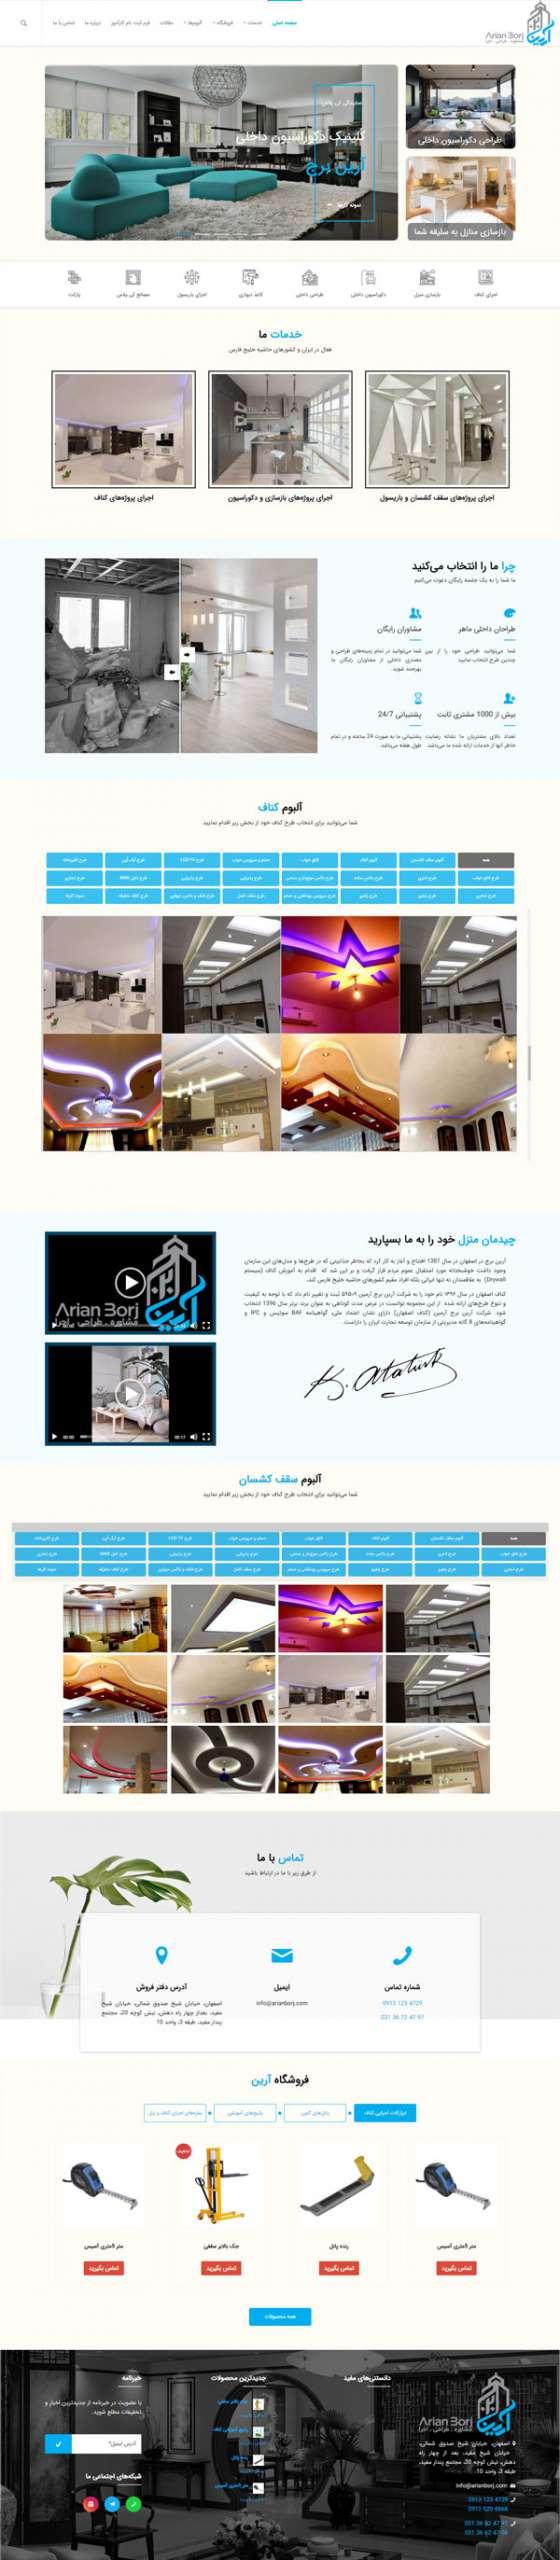 طراحی سایت آرین برج   اجرای کناف، طراحی دکوراسیون و بازسازی منزل